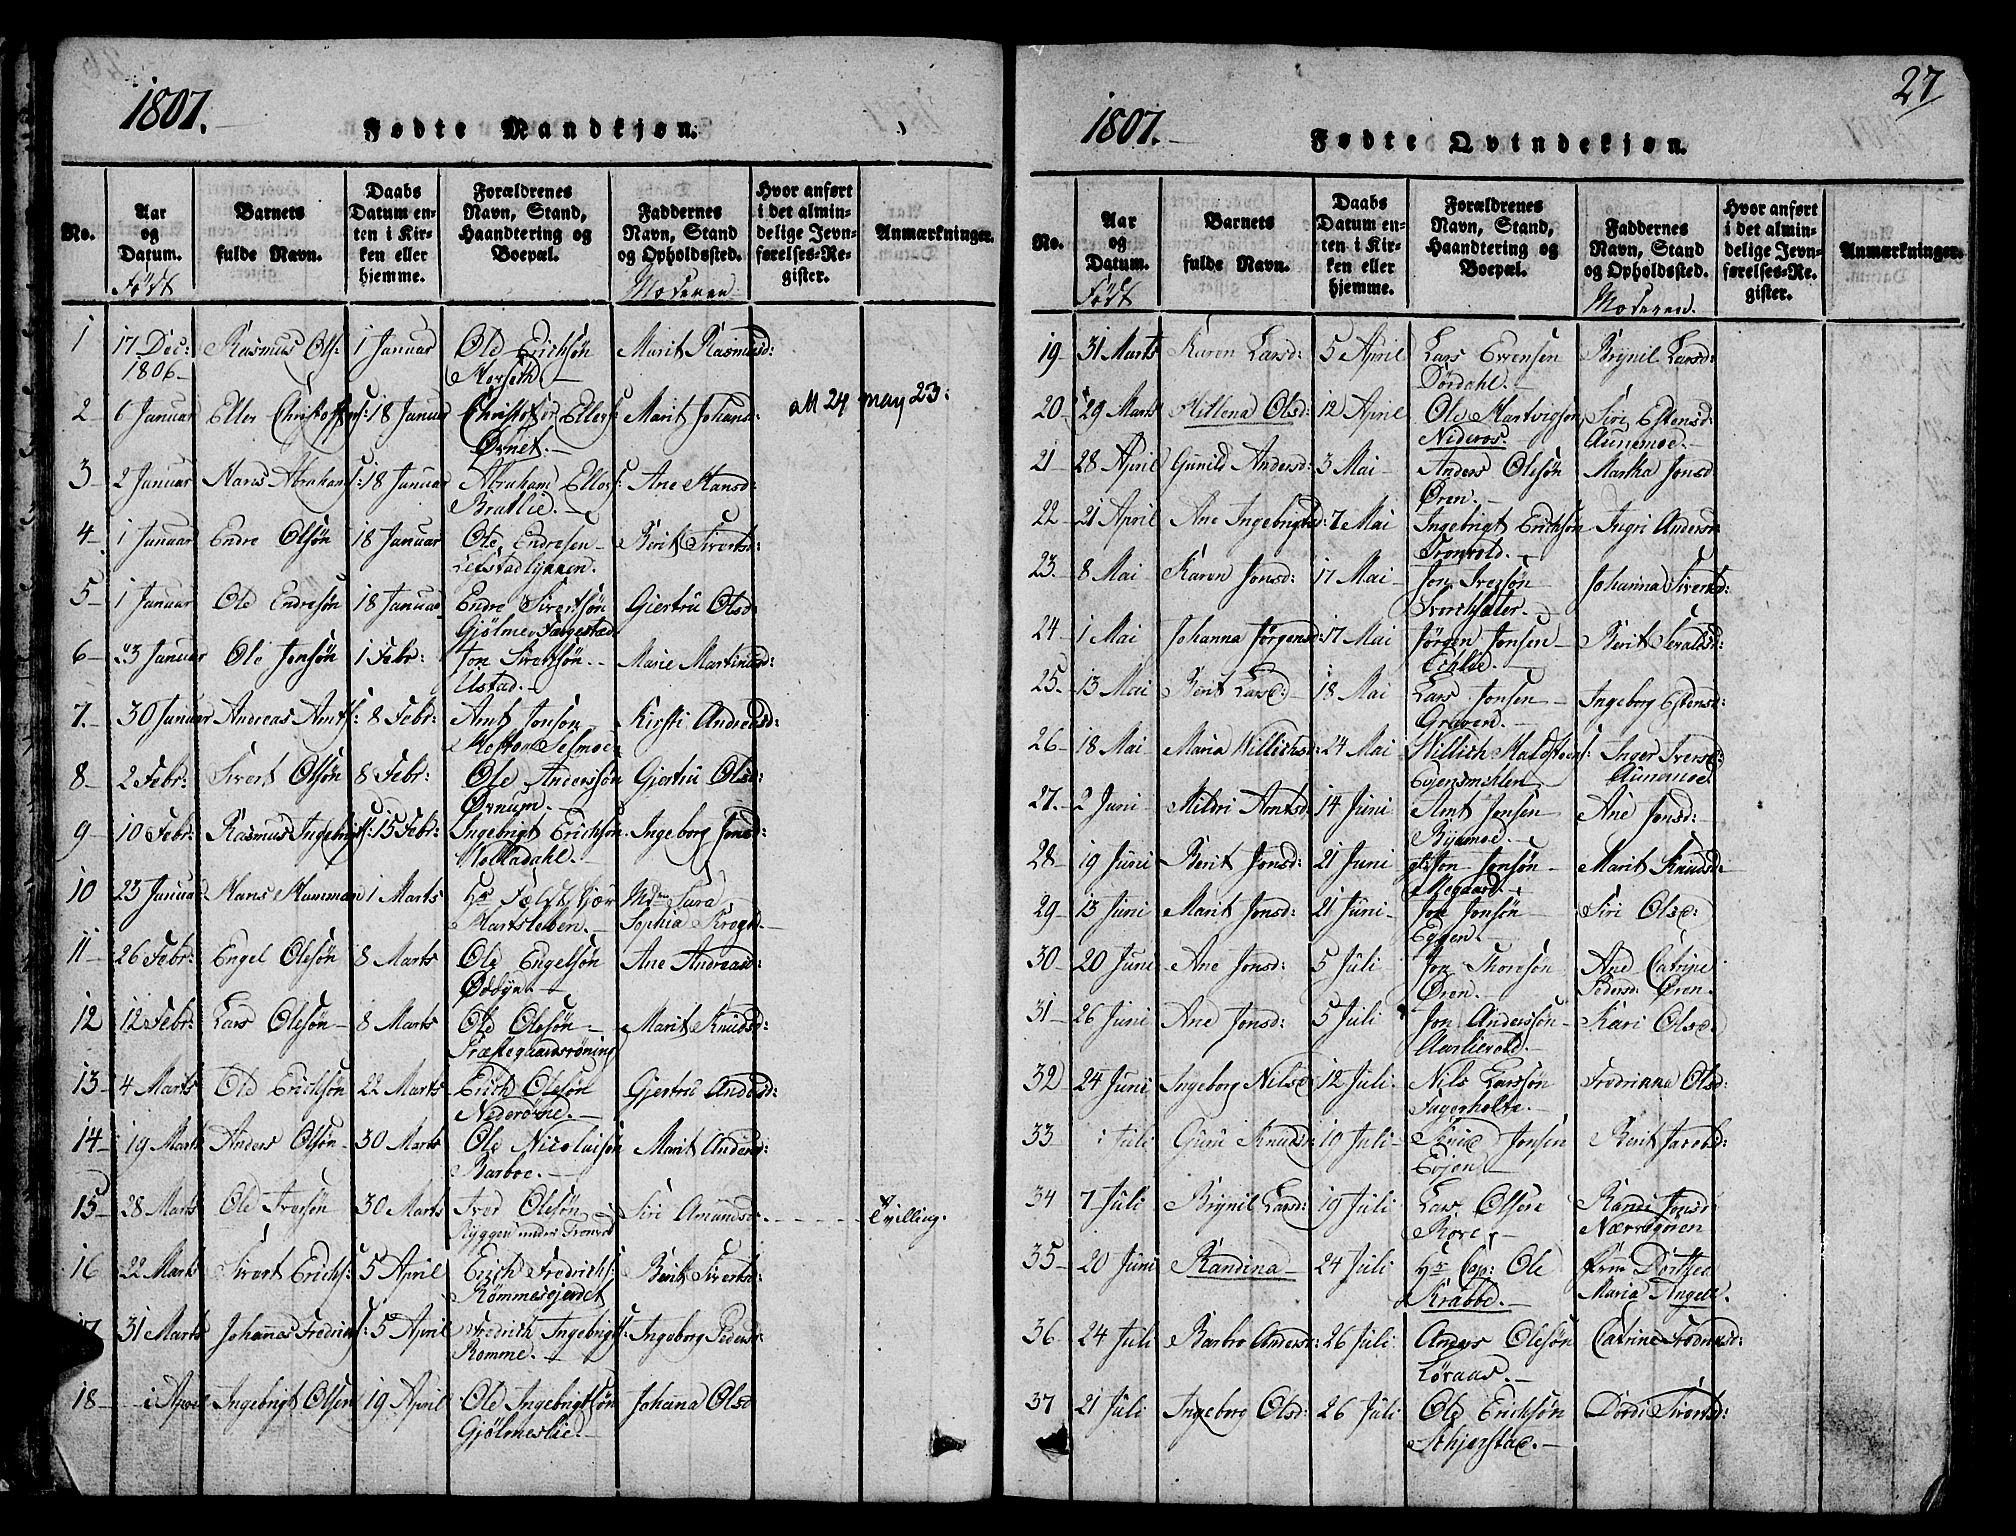 SAT, Ministerialprotokoller, klokkerbøker og fødselsregistre - Sør-Trøndelag, 668/L0803: Ministerialbok nr. 668A03, 1800-1826, s. 27